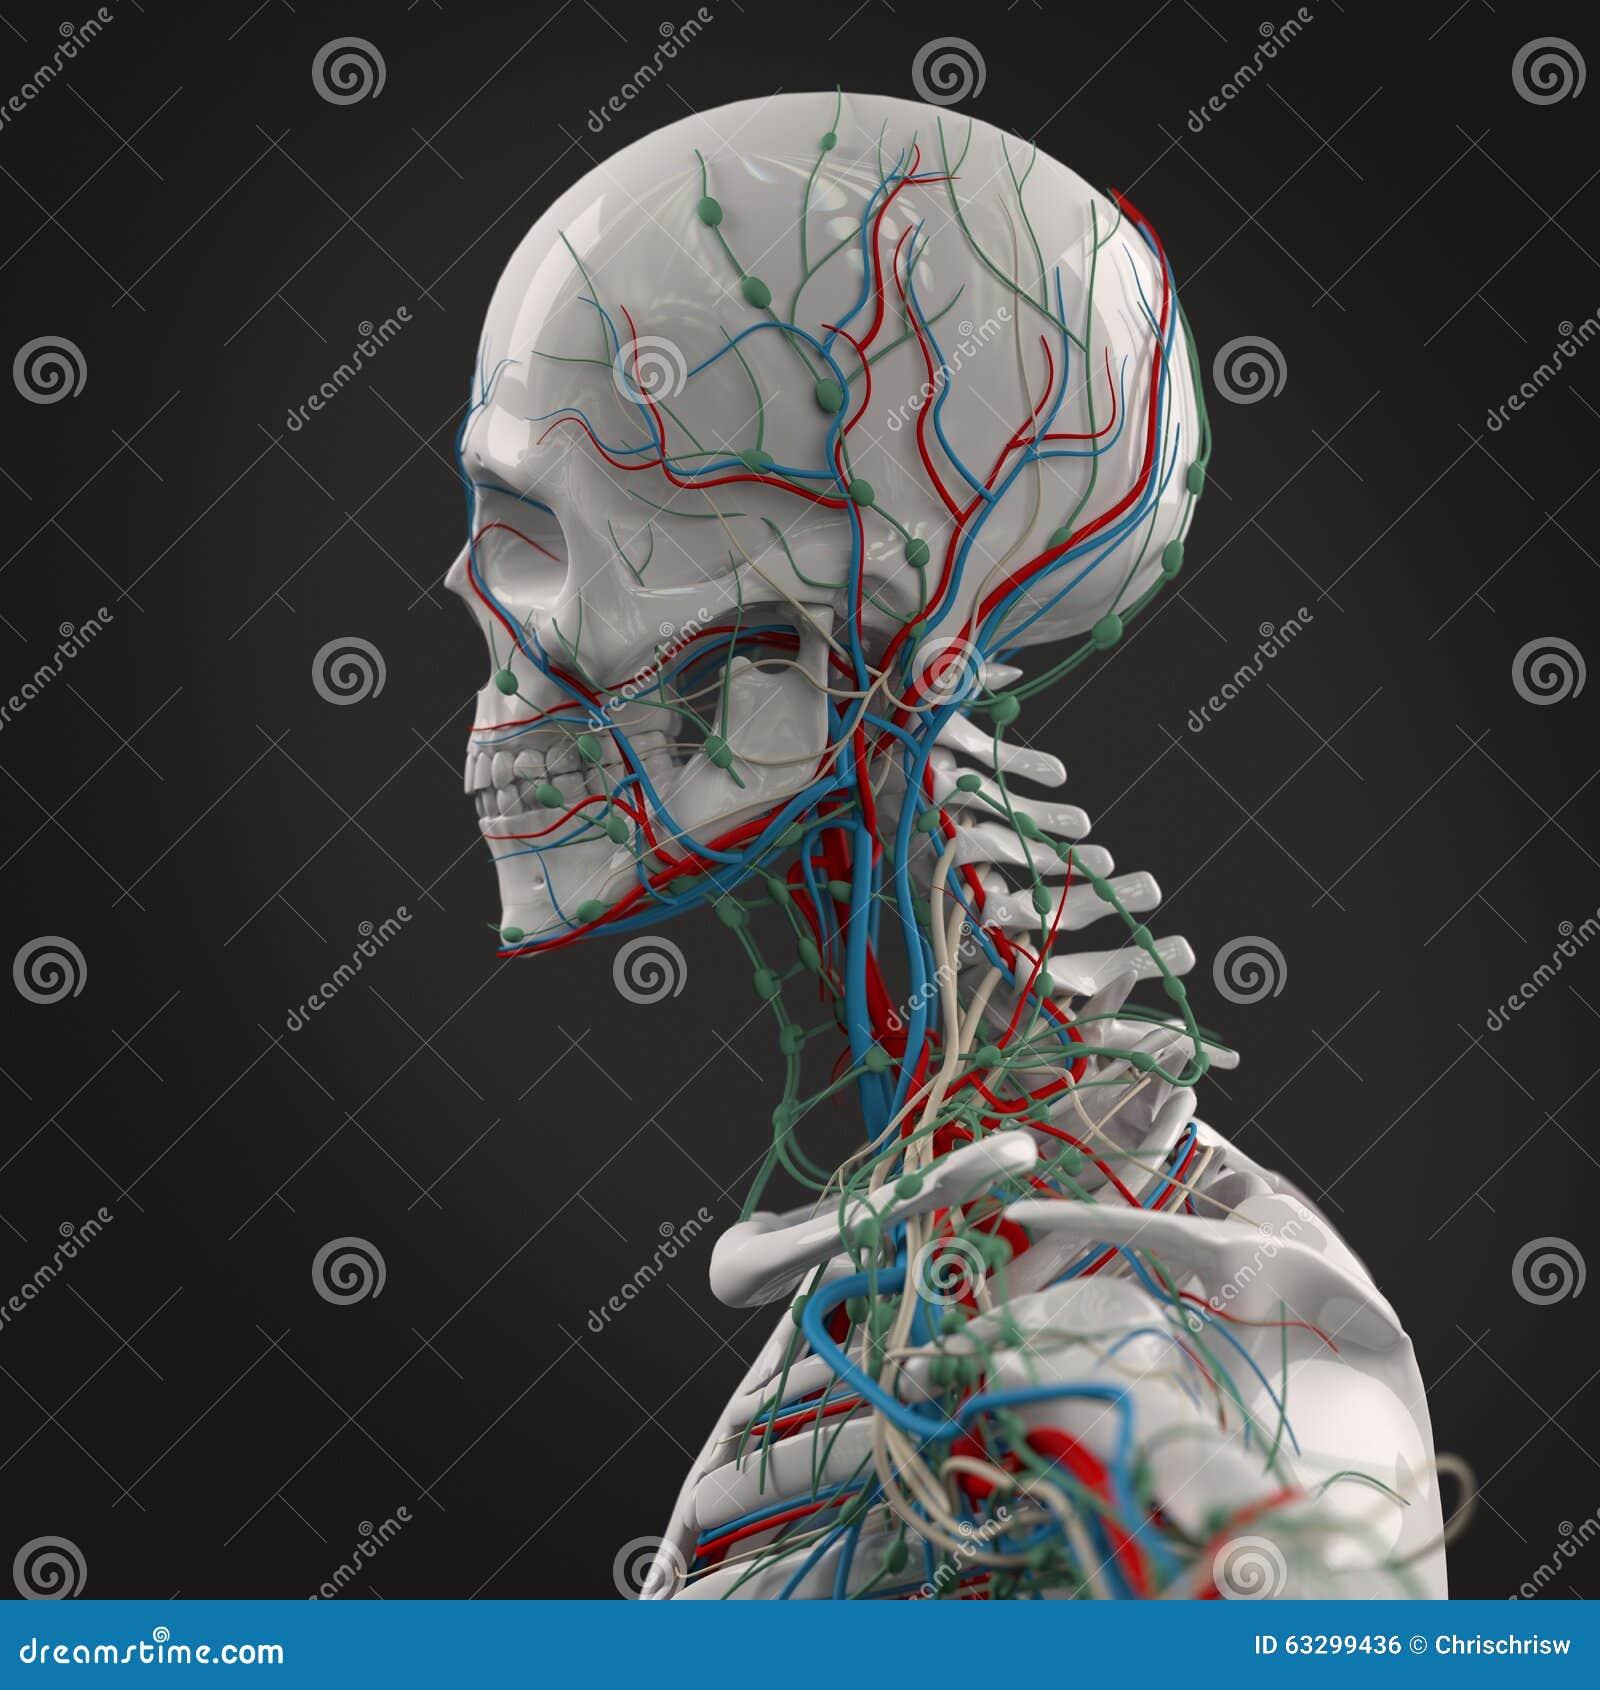 Human anatomy side view